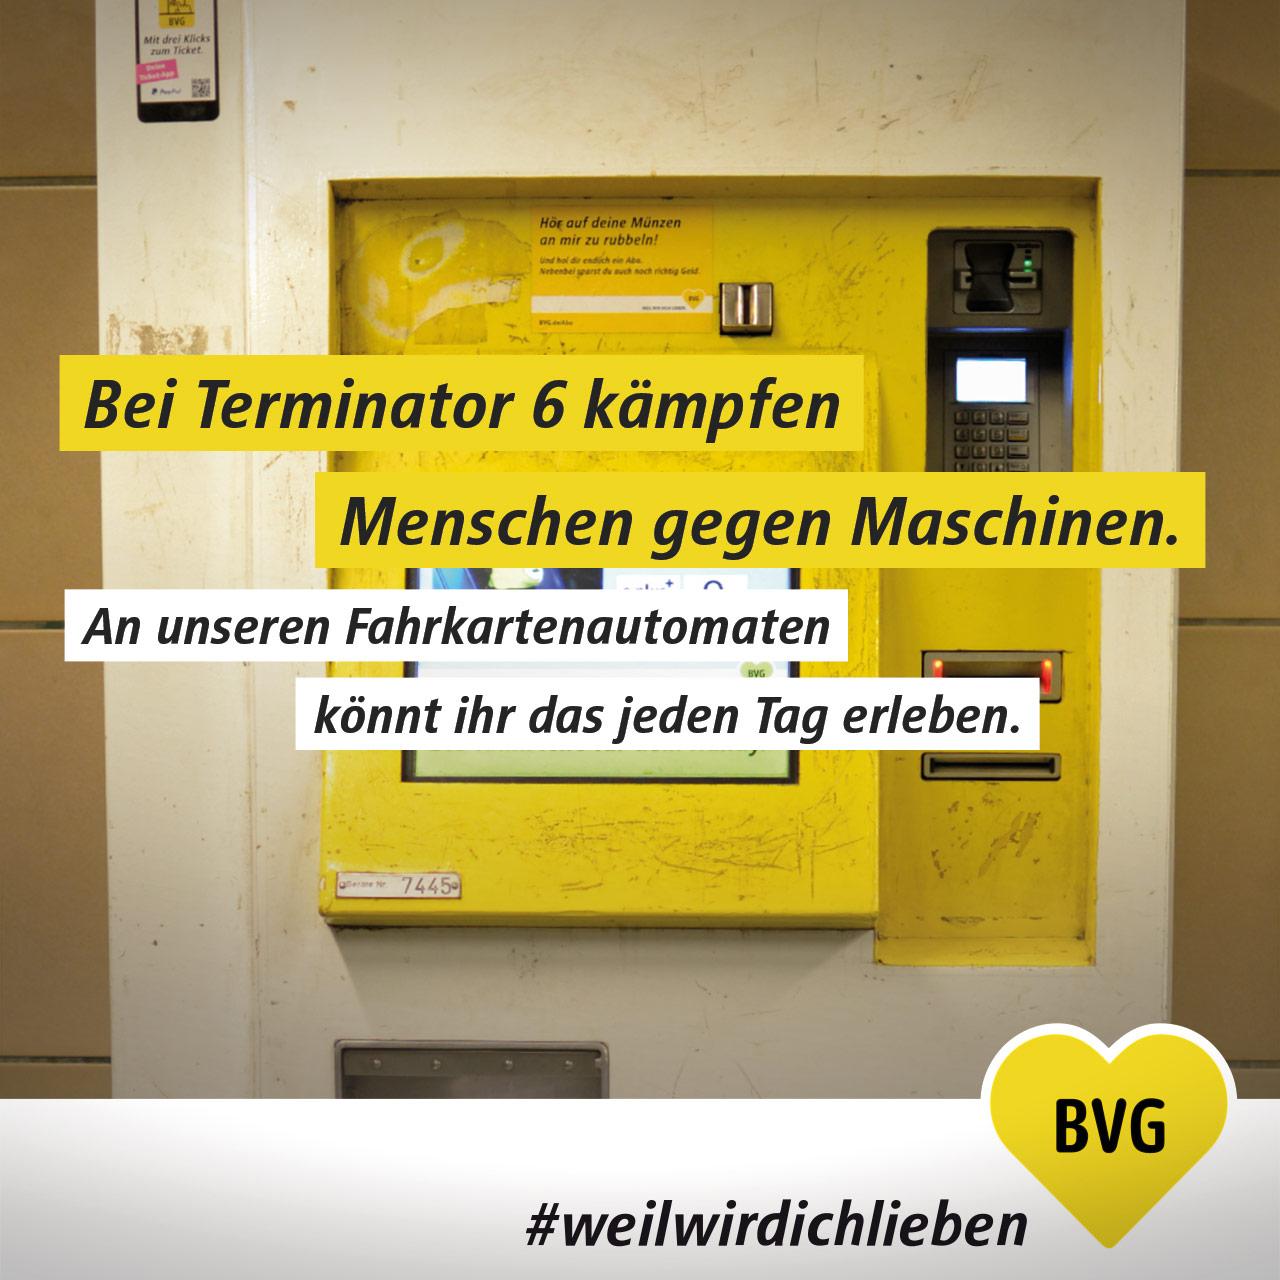 BVG_191021_Newsfeed_terminator_FB_1280x1280px2